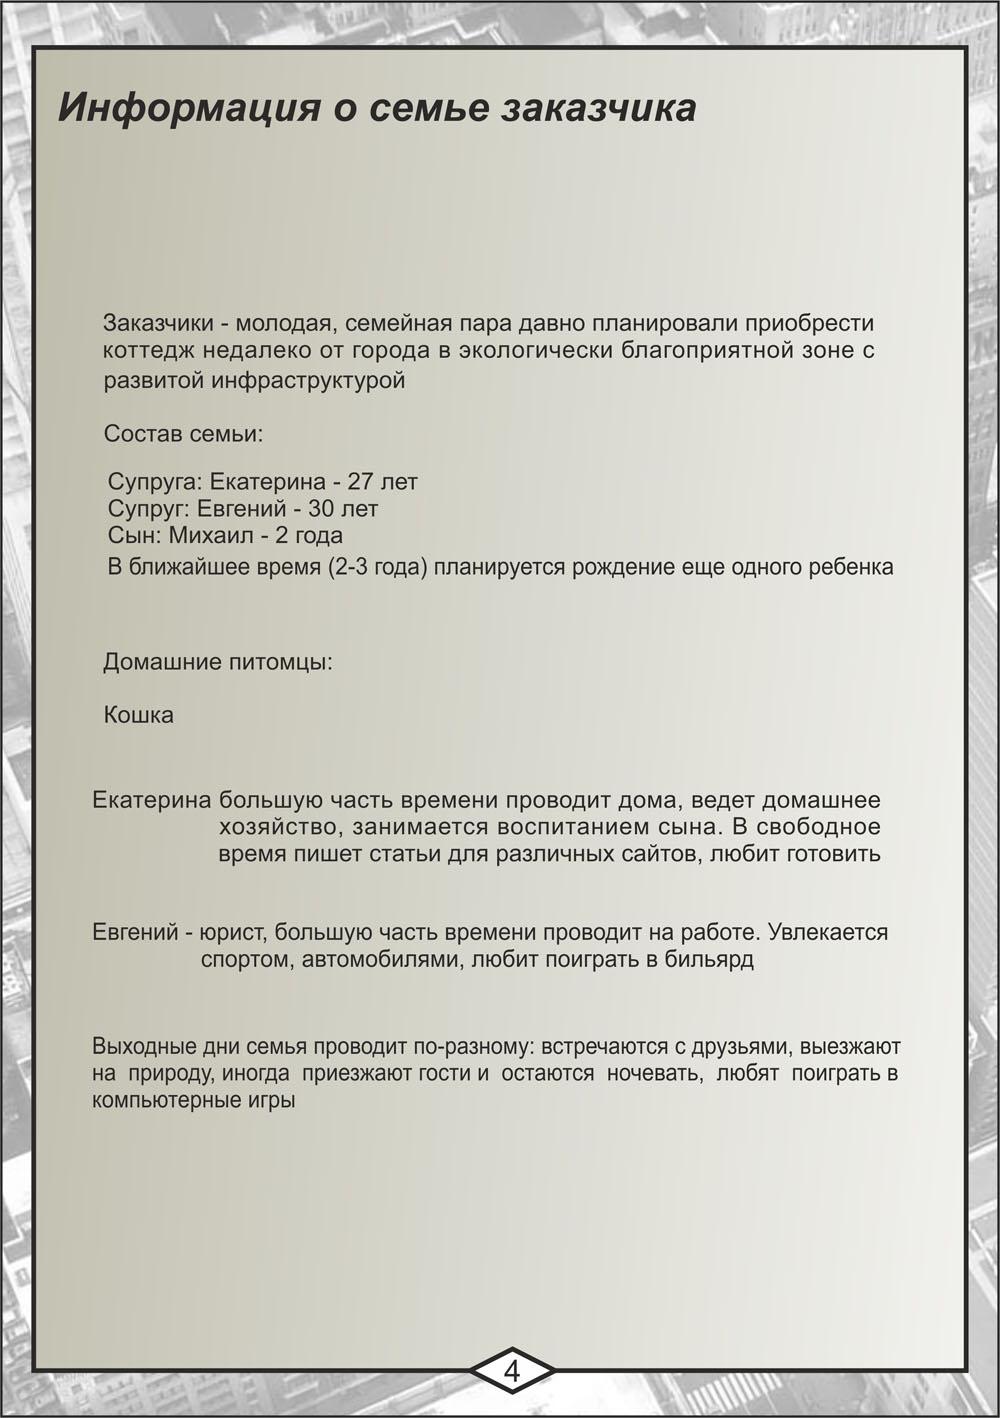 post-4532-0-96415400-1423930356